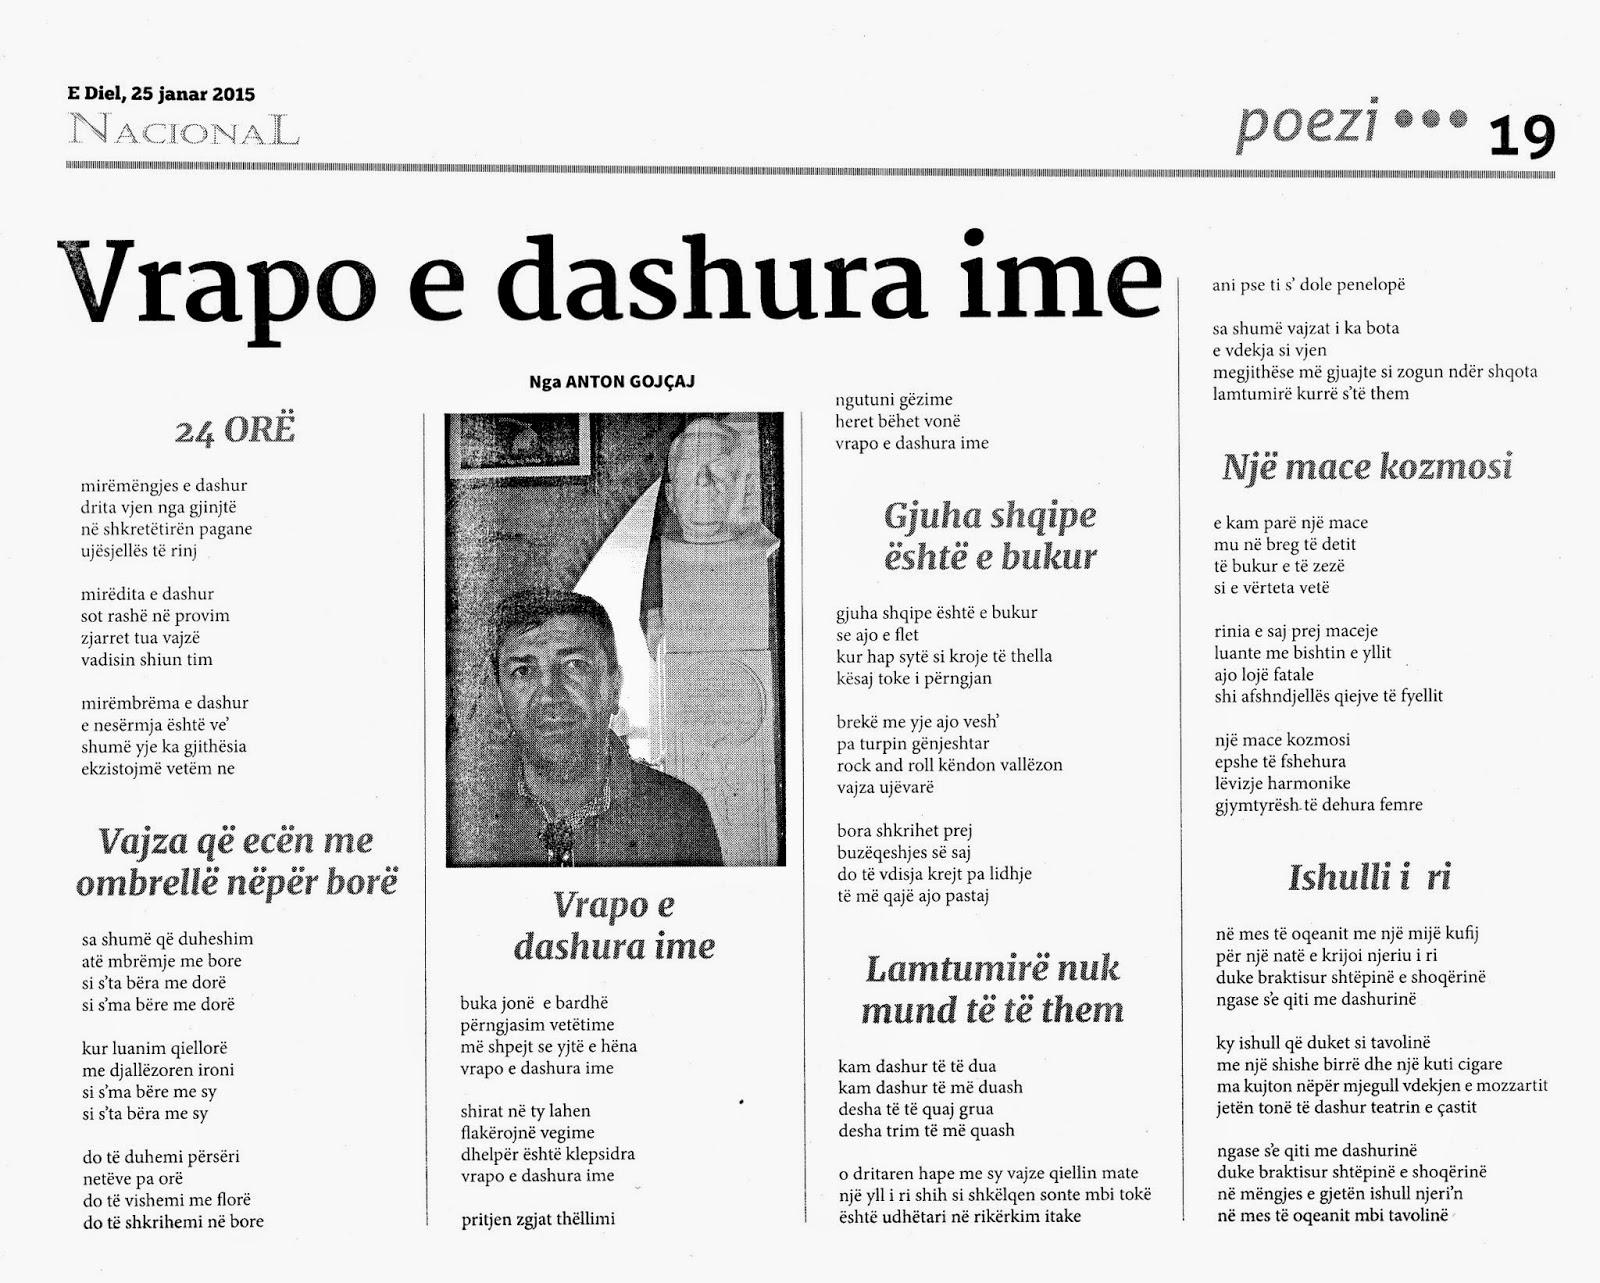 ANTON GOJÇAJ: Poezi nga Anton Gojçaj botohen në Tiranë